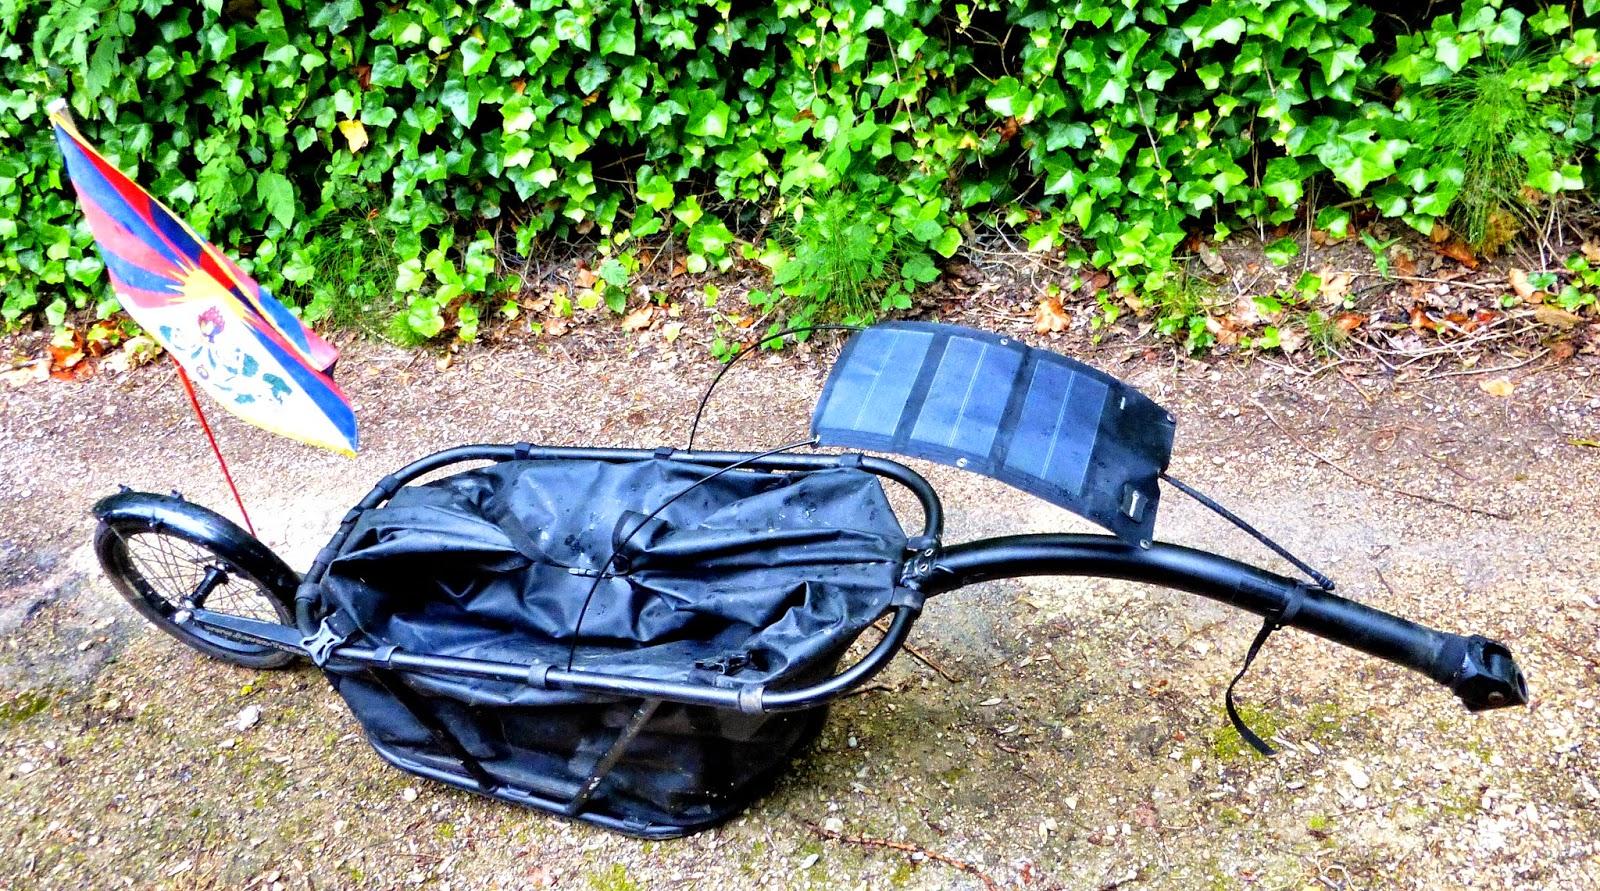 Al 39 s land le plaisir d 39 abord mat riels de voyages - Chargeur solaire decathlon ...